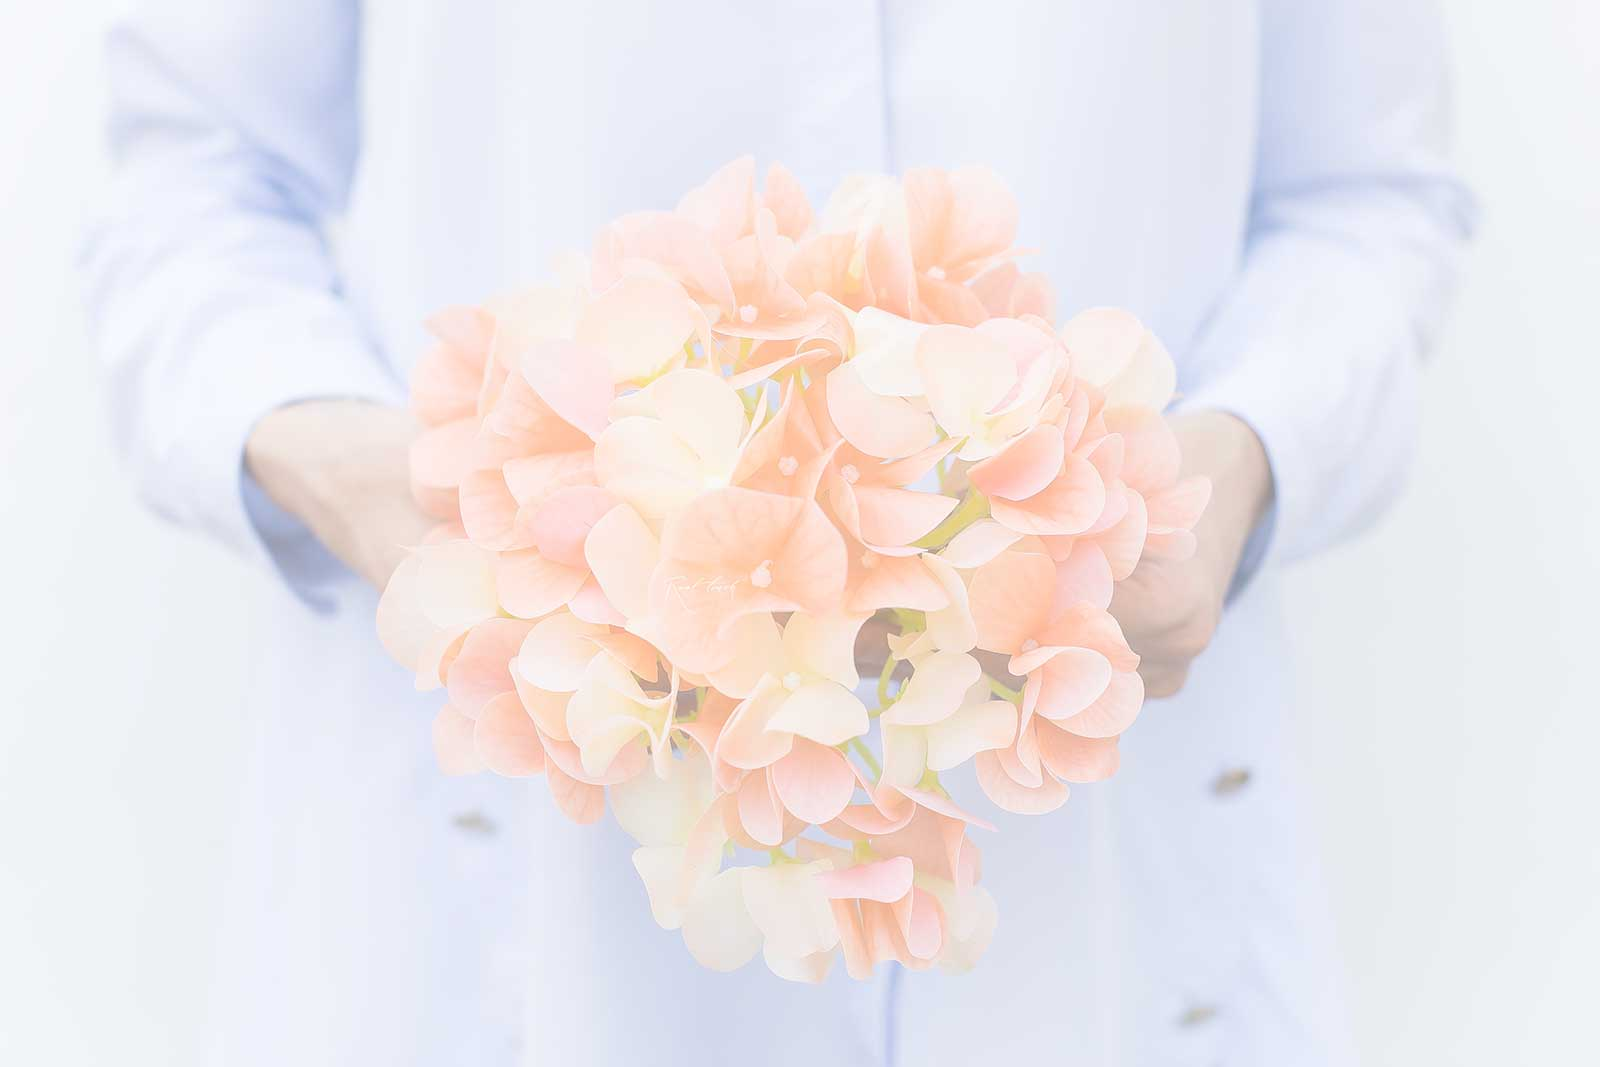 Kunstblume Hortensie Hintergrund